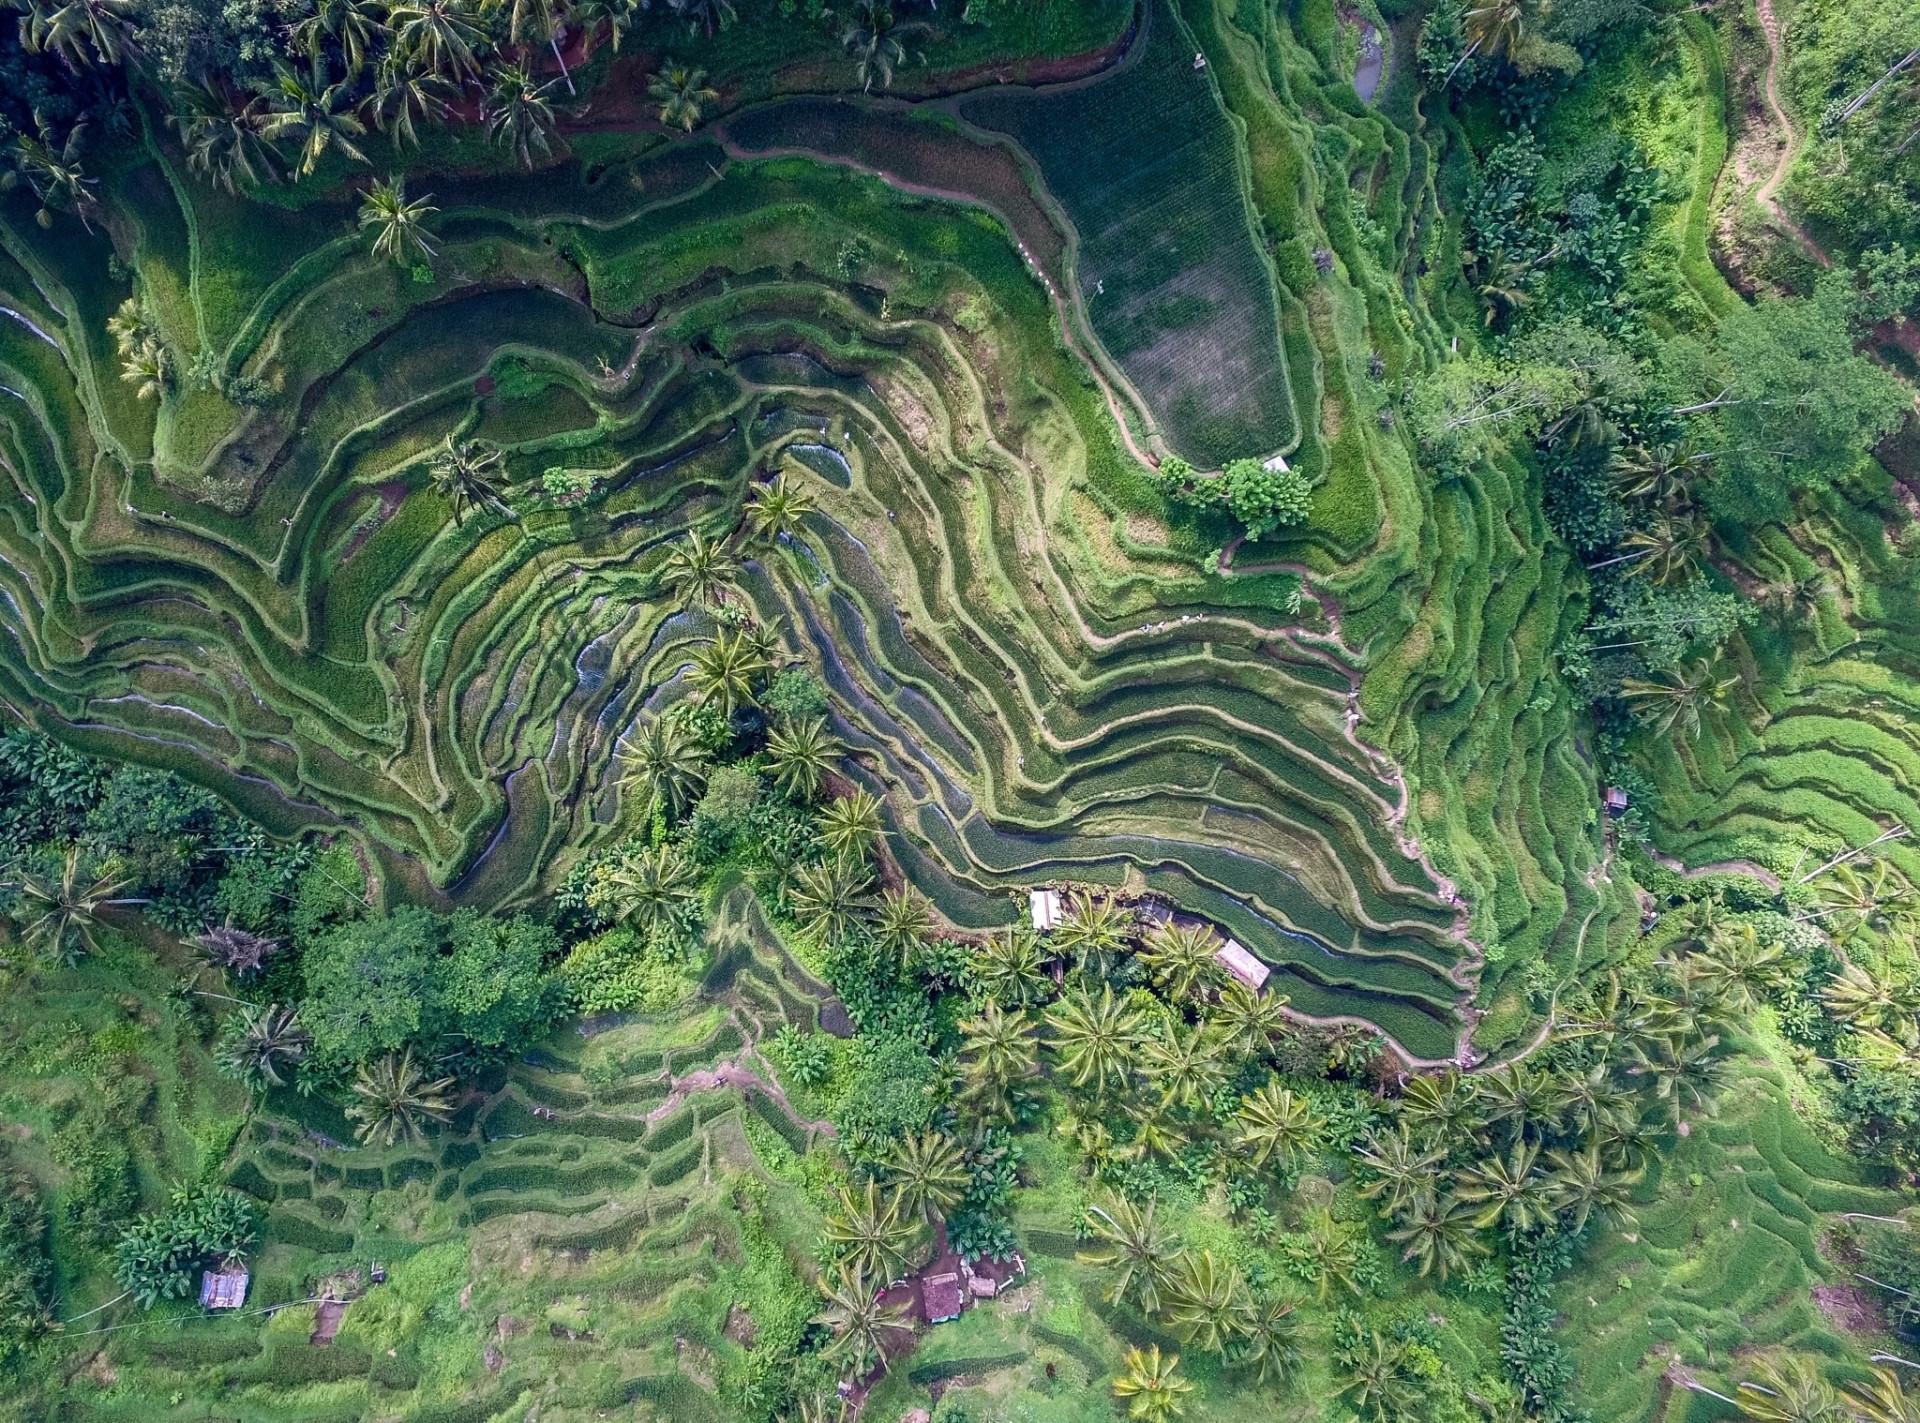 Verdens mest betagende landskaber set oppefra